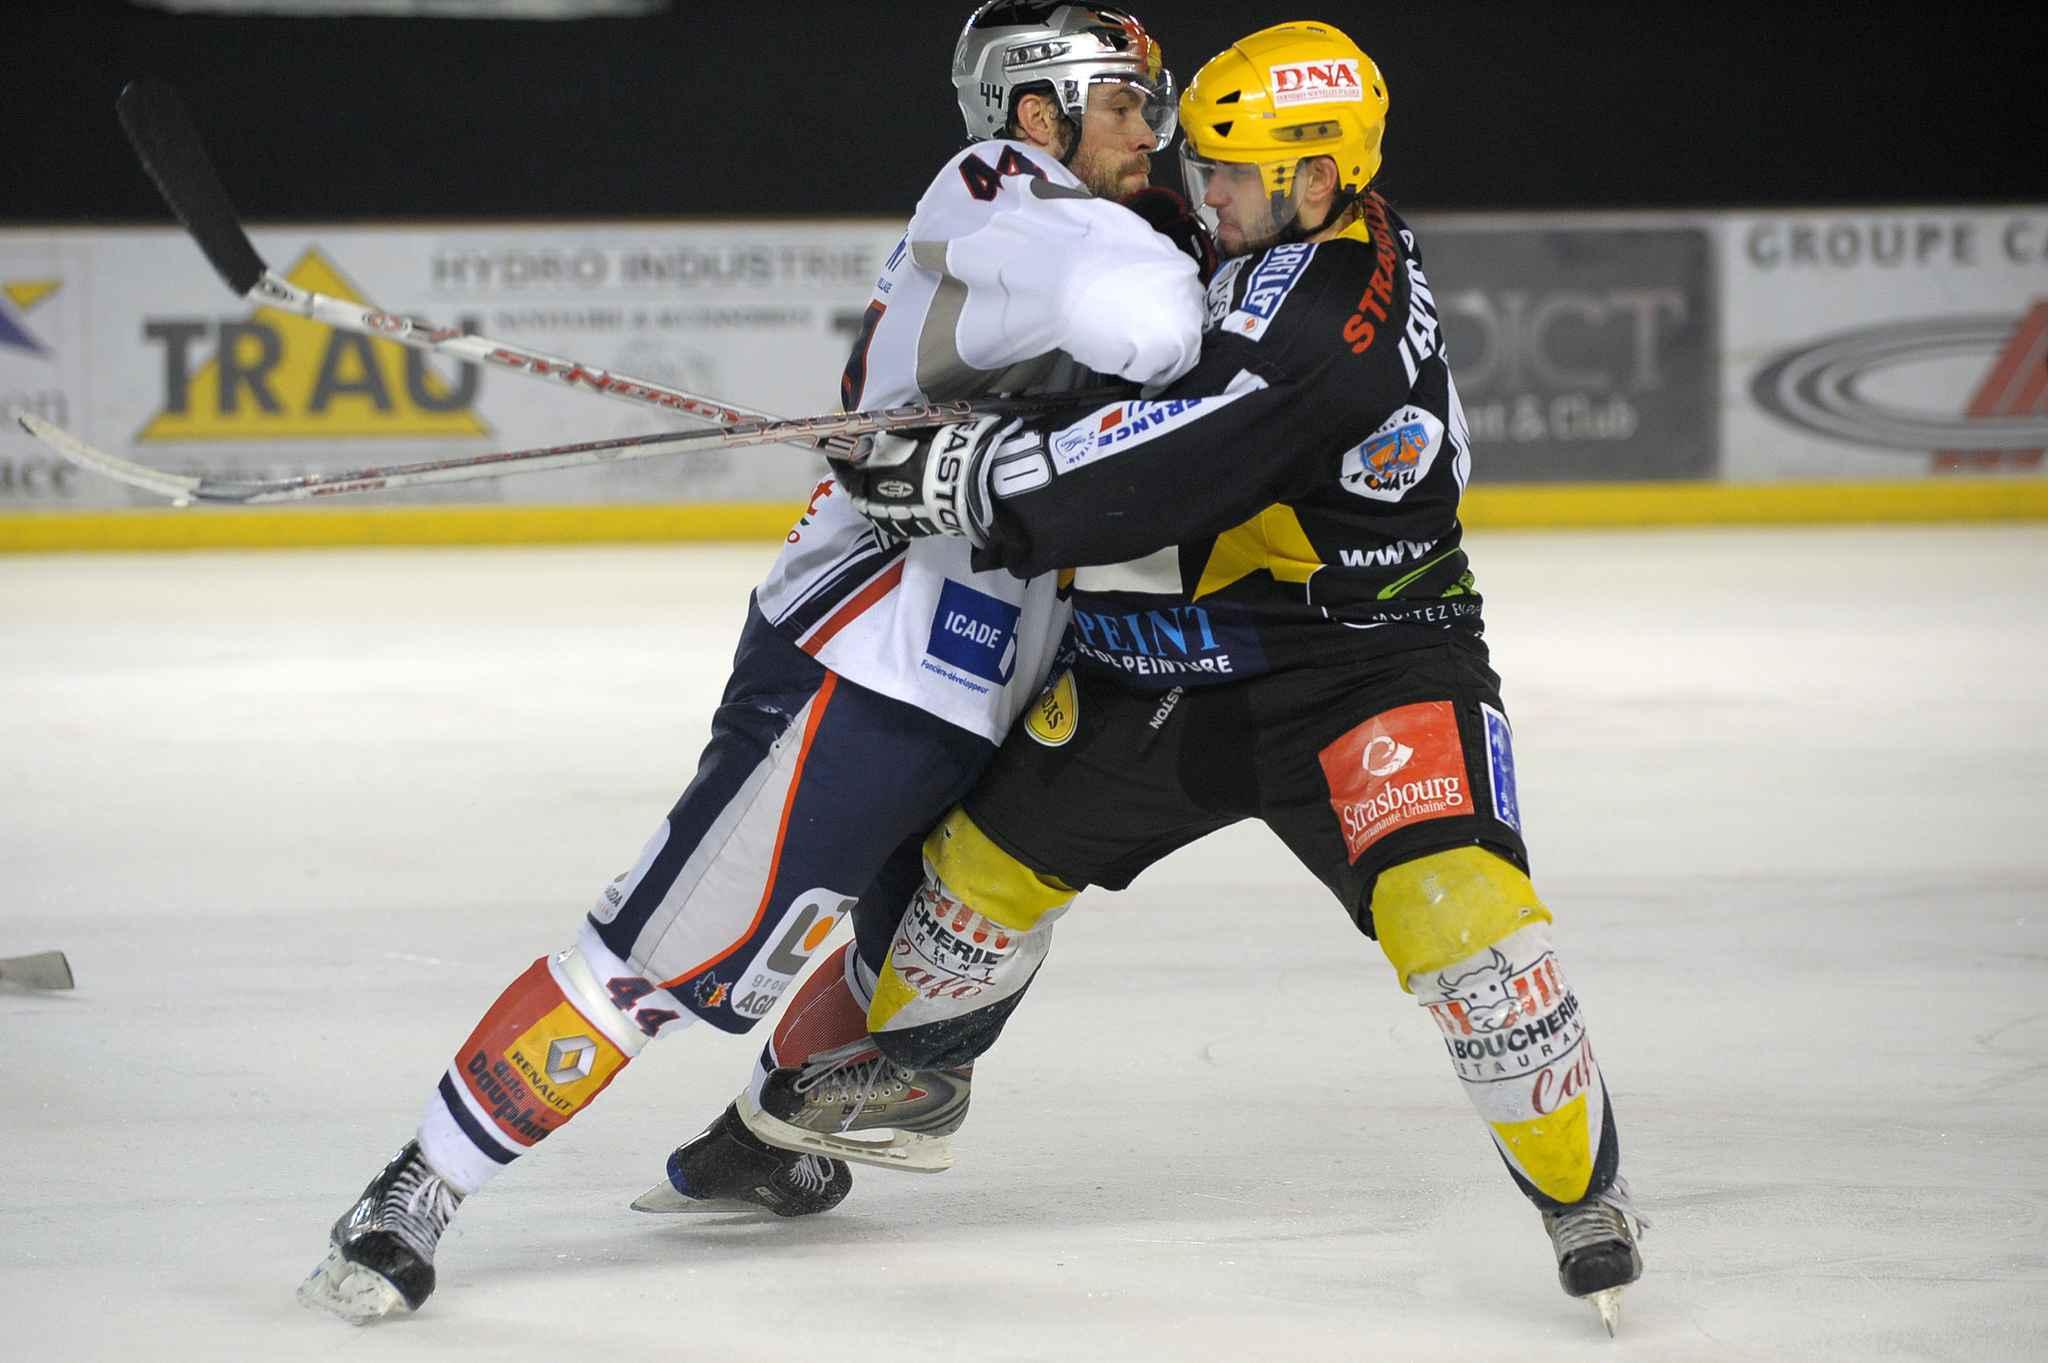 Hockey d but de match catastrophique de l 39 etoile noire face brian on - Etoile noir strasbourg ...